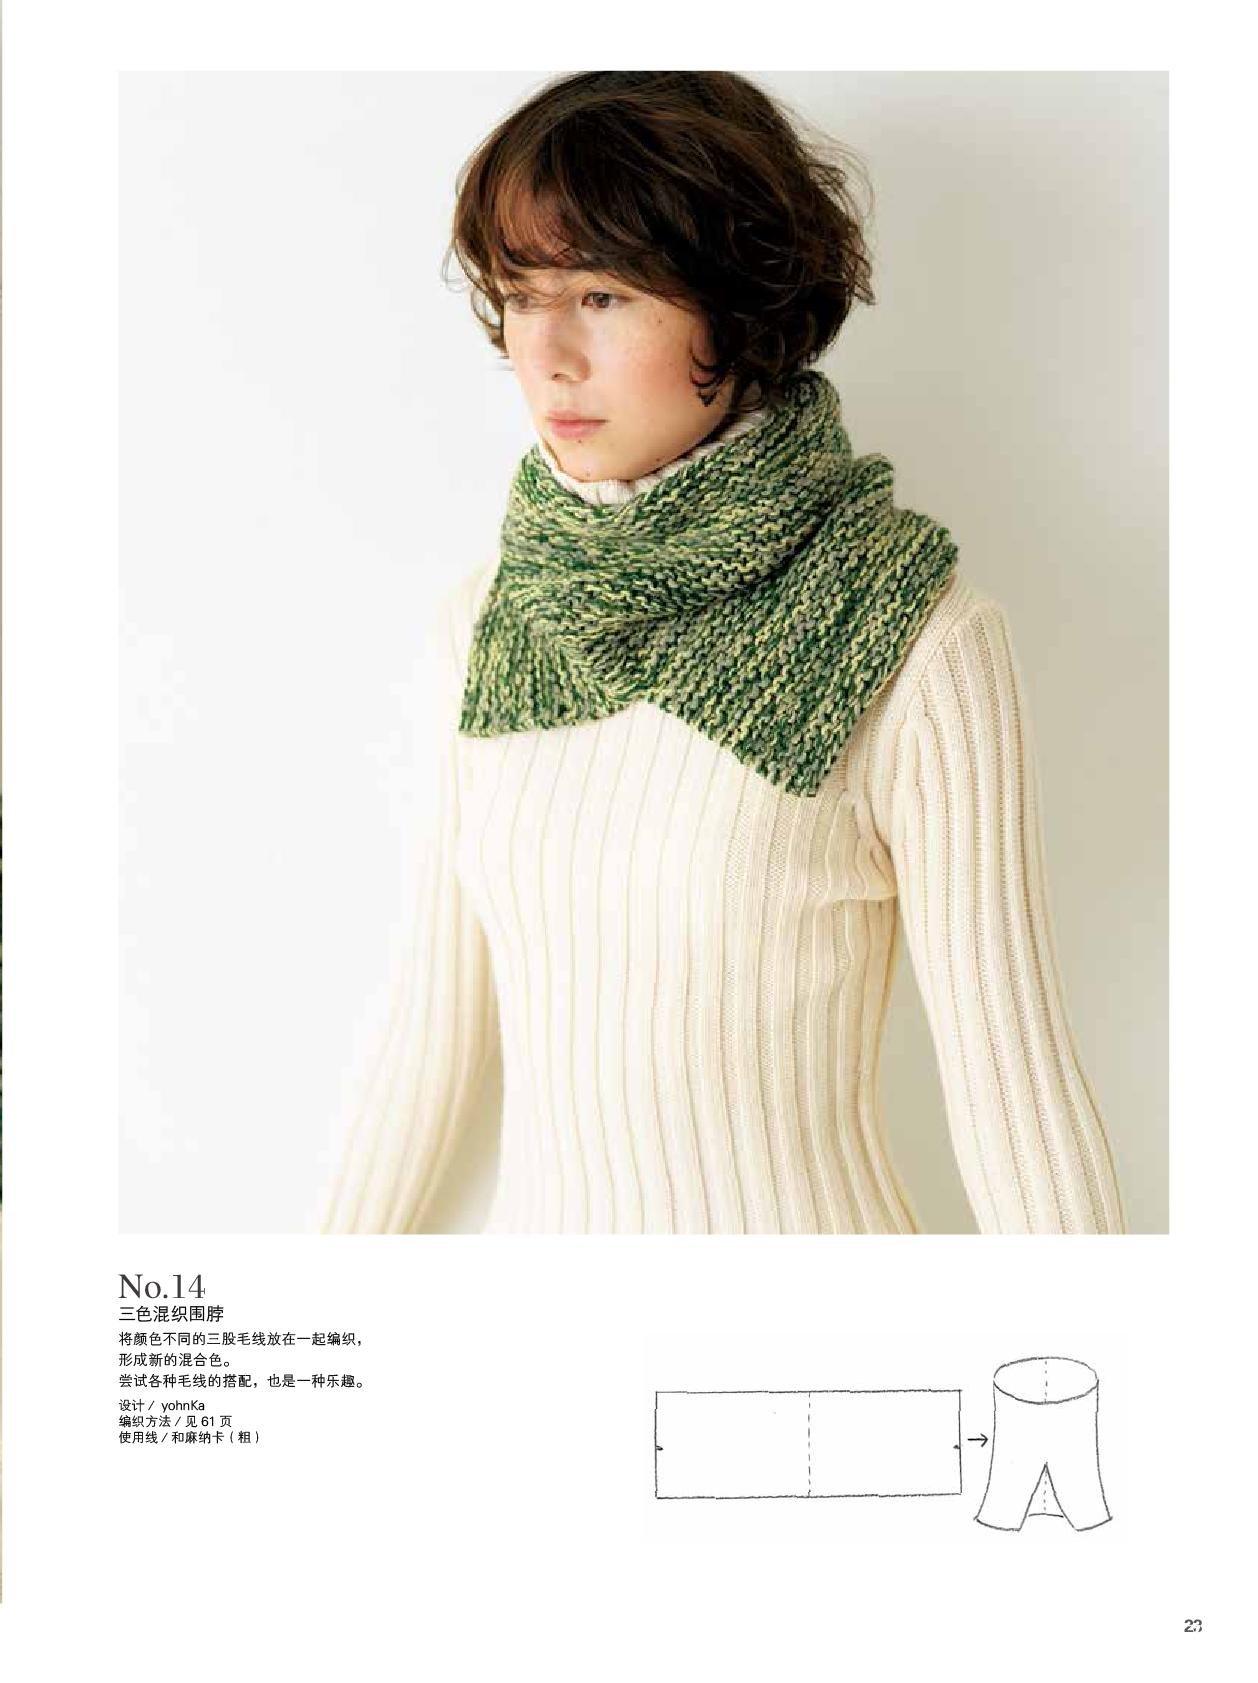 下针编织的帽子和围巾内文-24.jpg